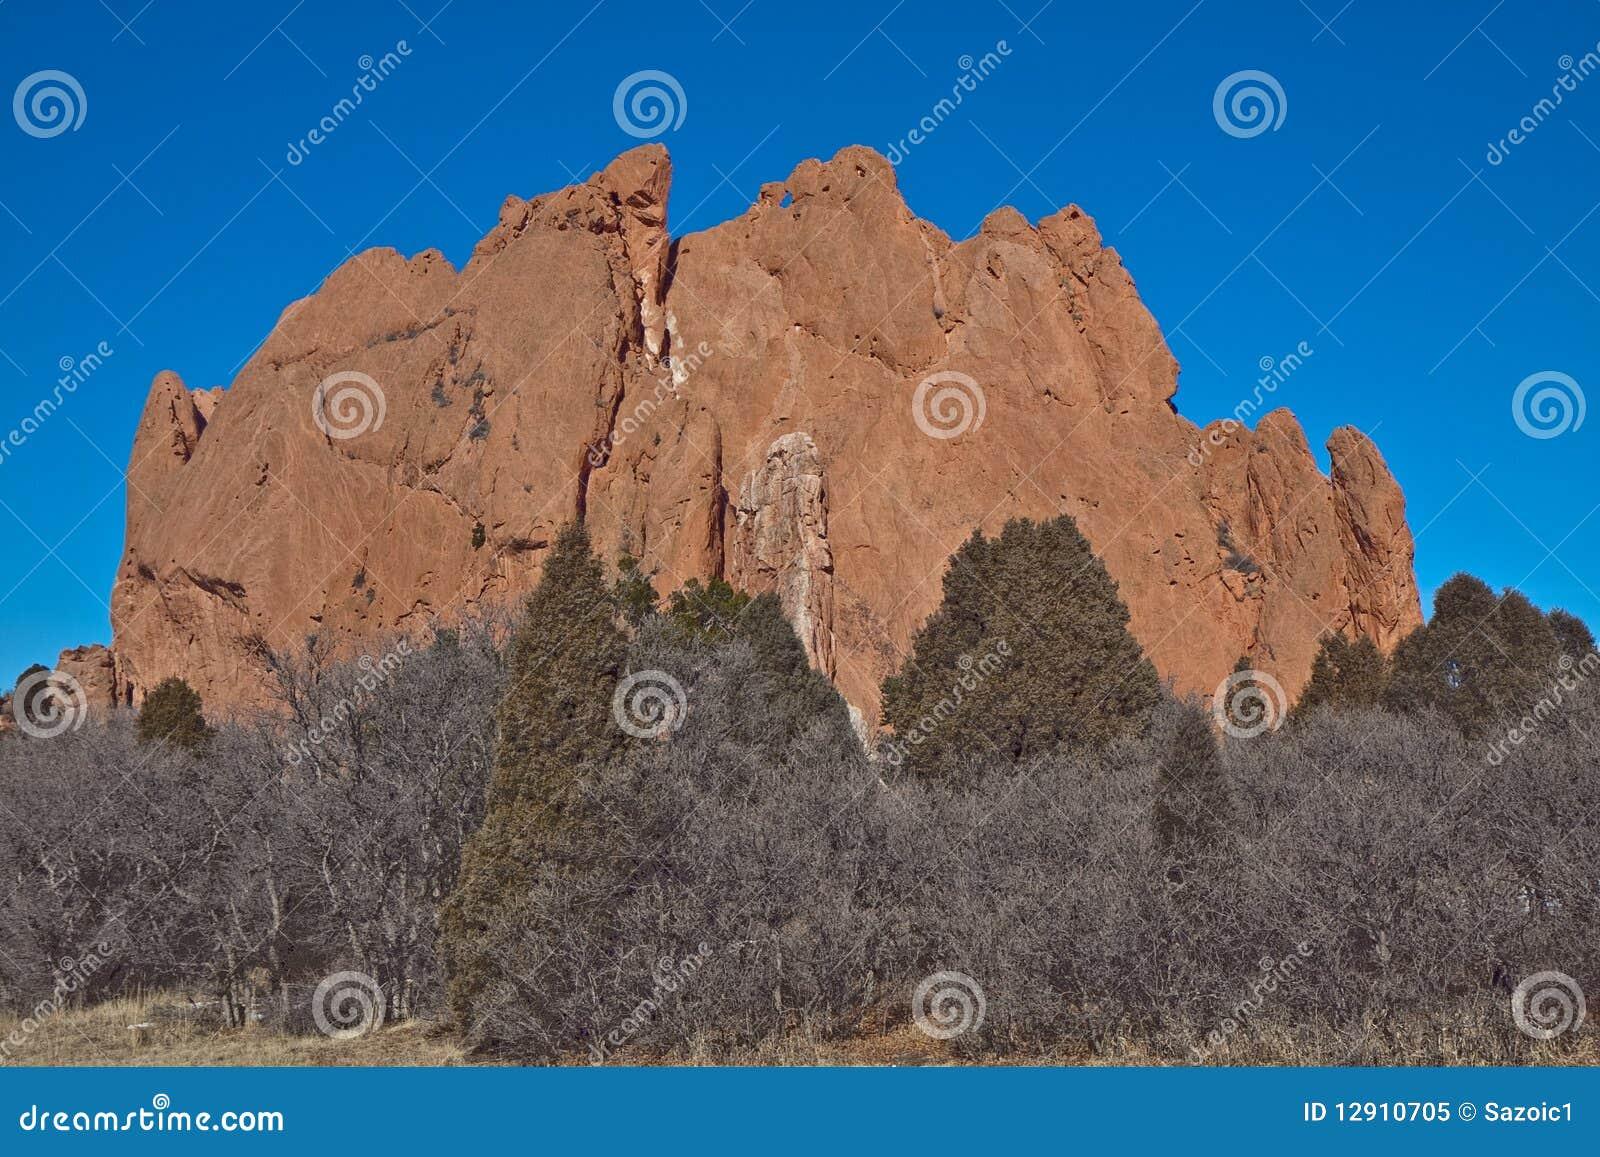 The Mountain In Garden Of Gods Stock Image - Image of garden, denver ...